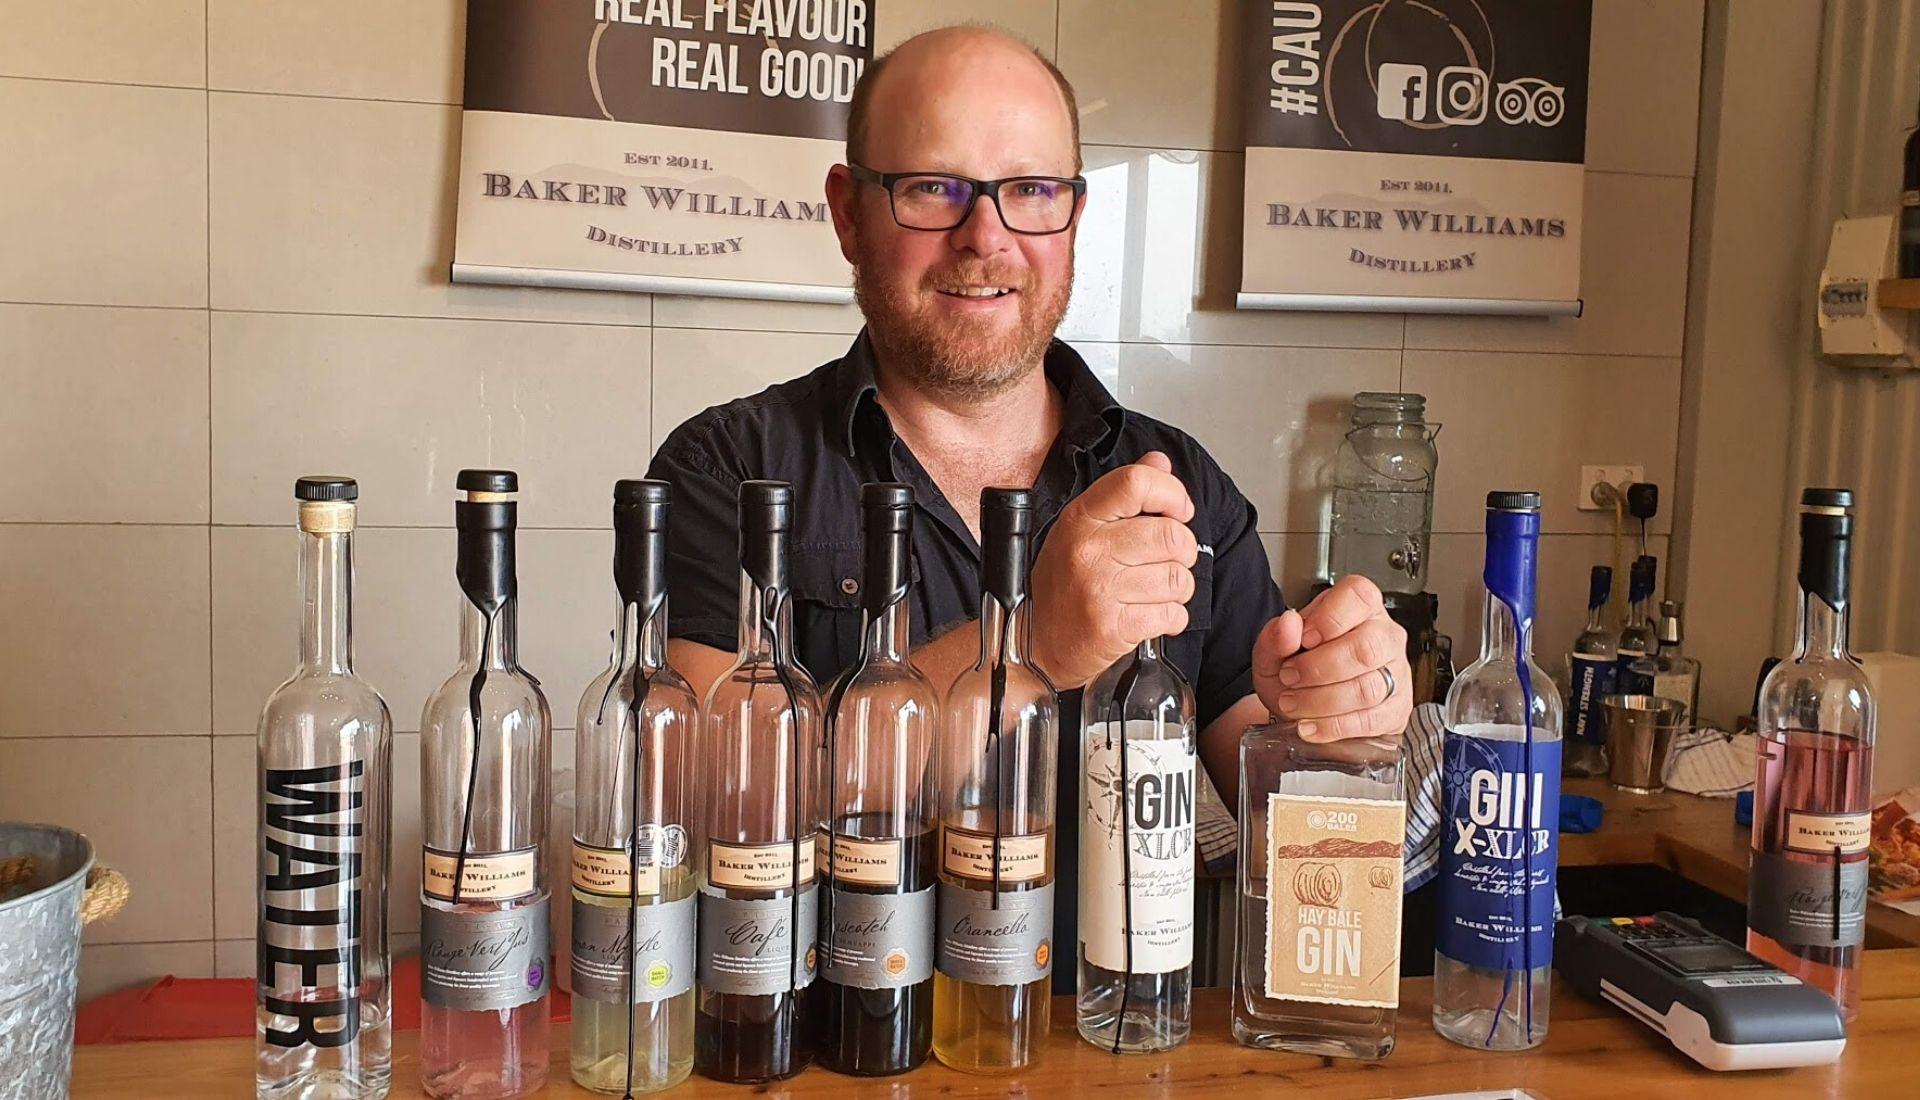 Nathan at Baker Williams Distillery